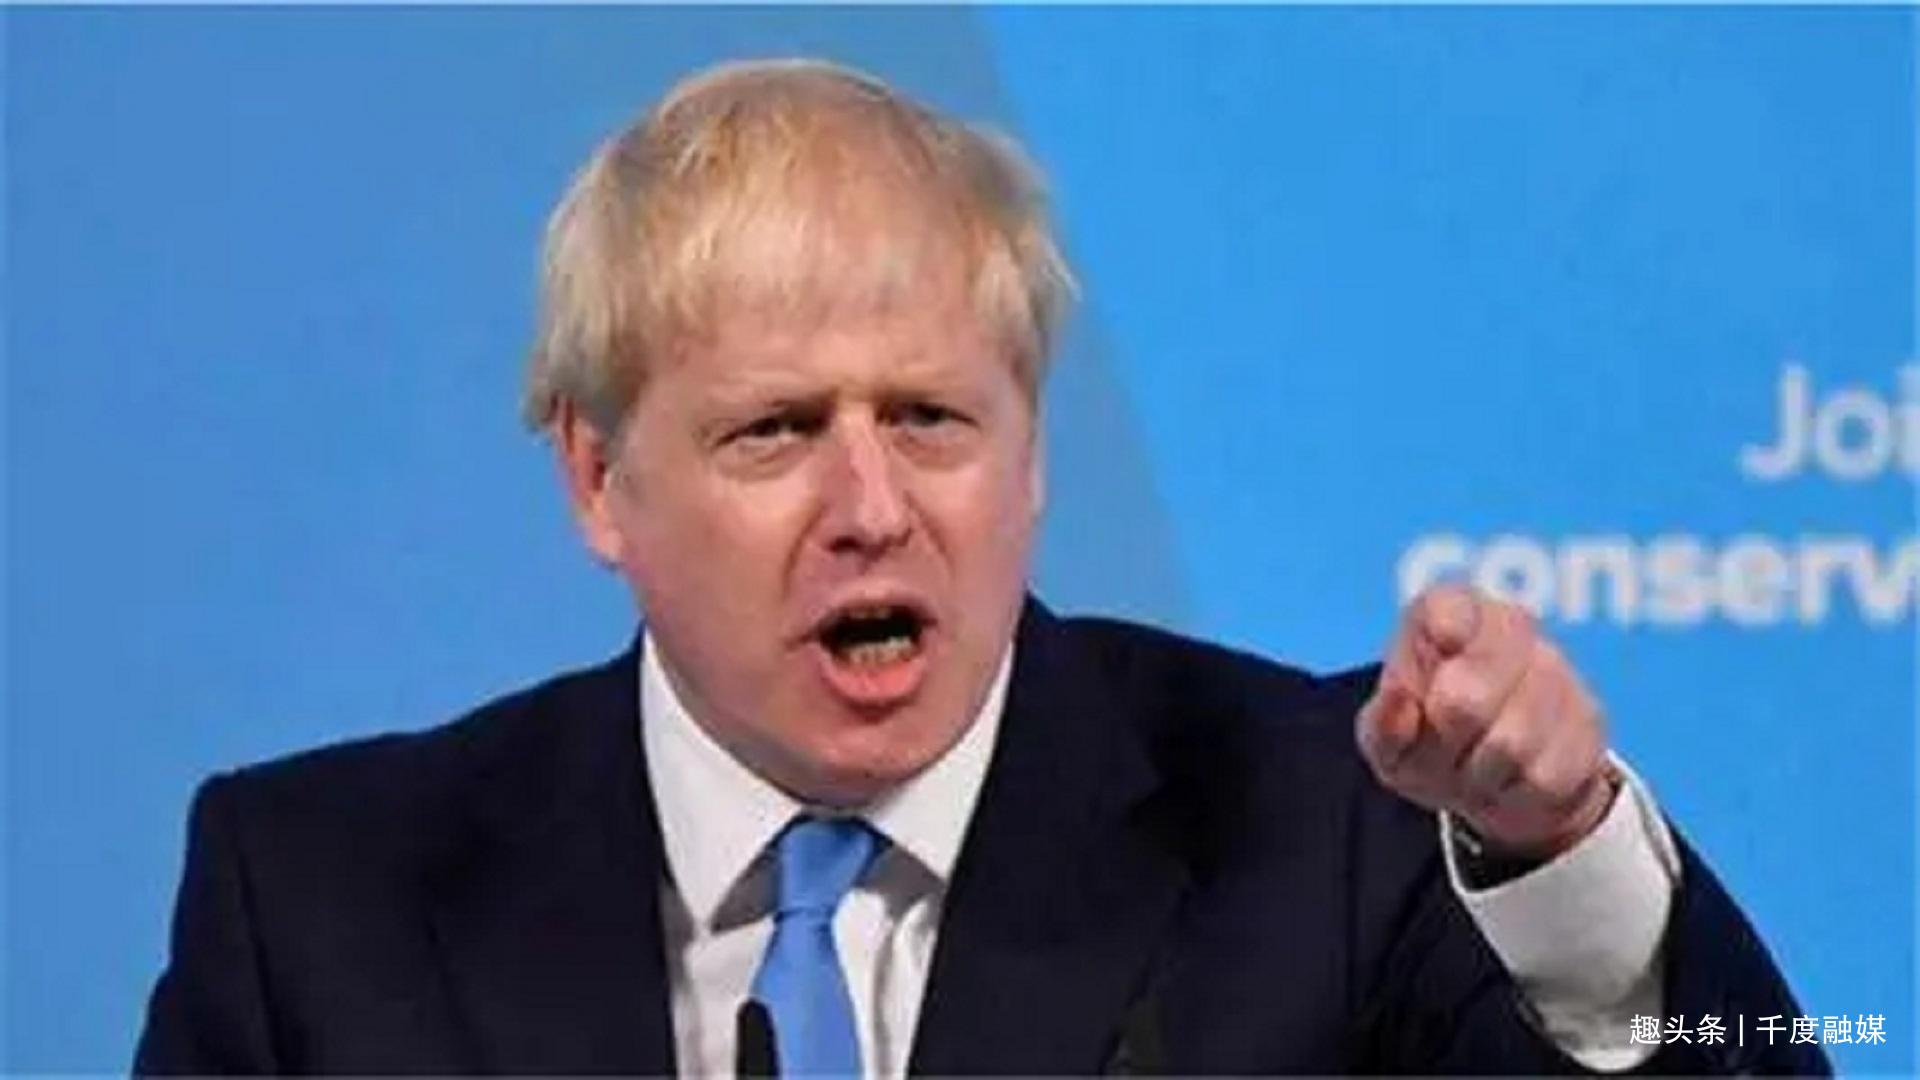 你卖核潜艇,我卖战机!❗️❗️中国对等反击英国,阿根廷拟买入12架枭龙